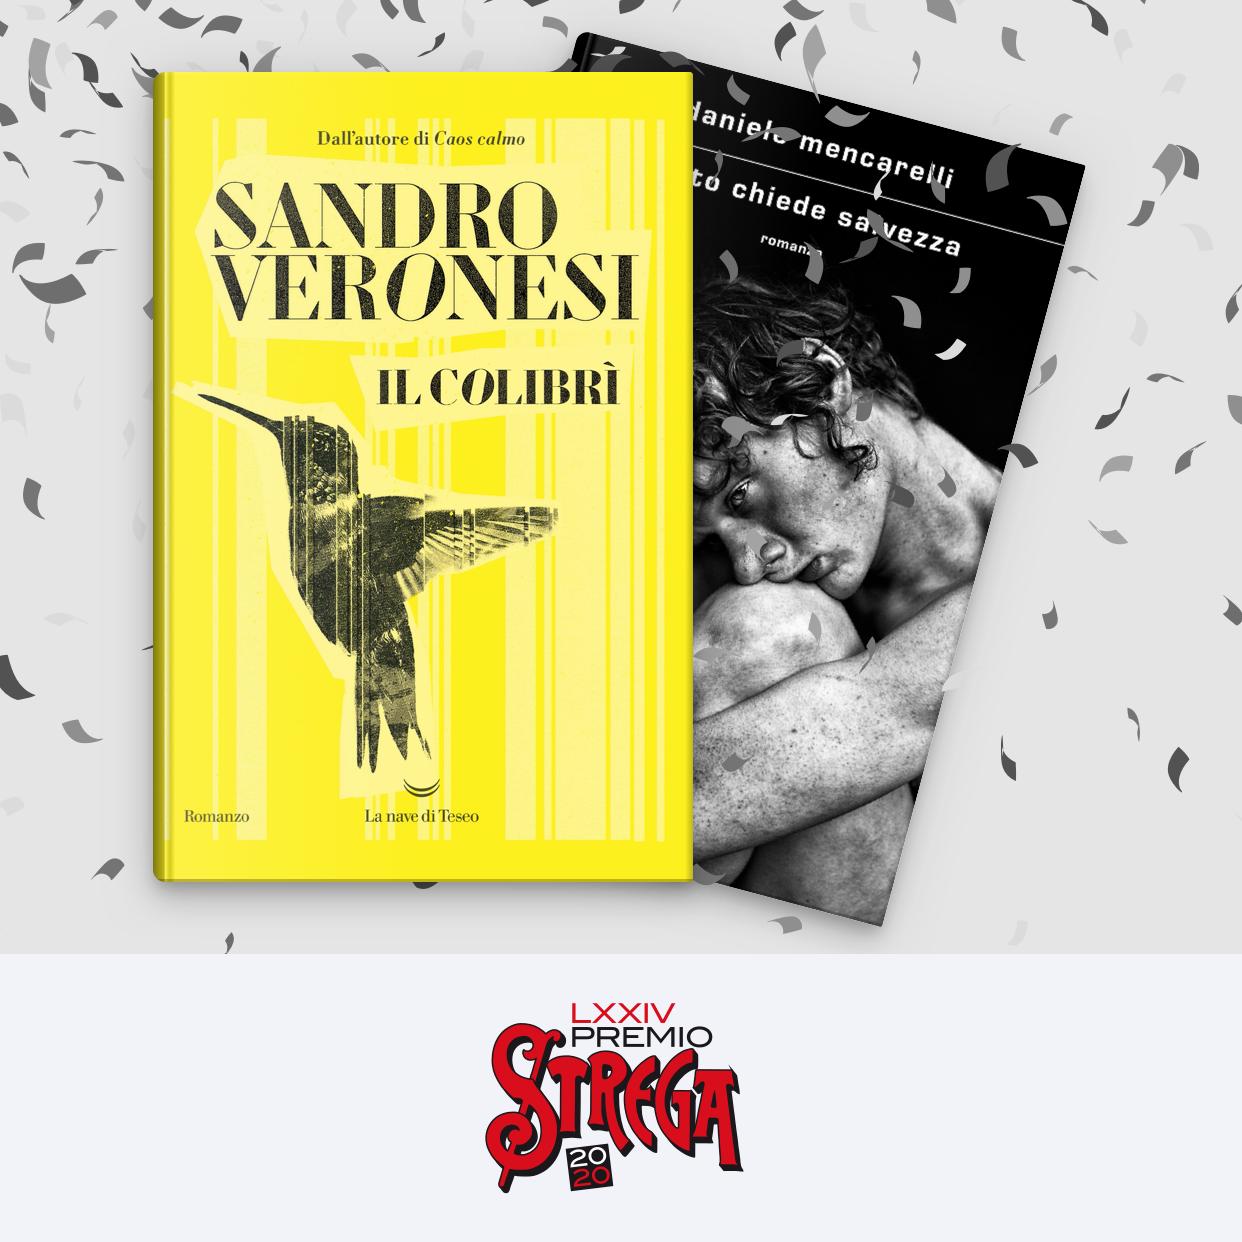 Premio Strega 2020: vince Il Colibrì di Sandro Veronesi